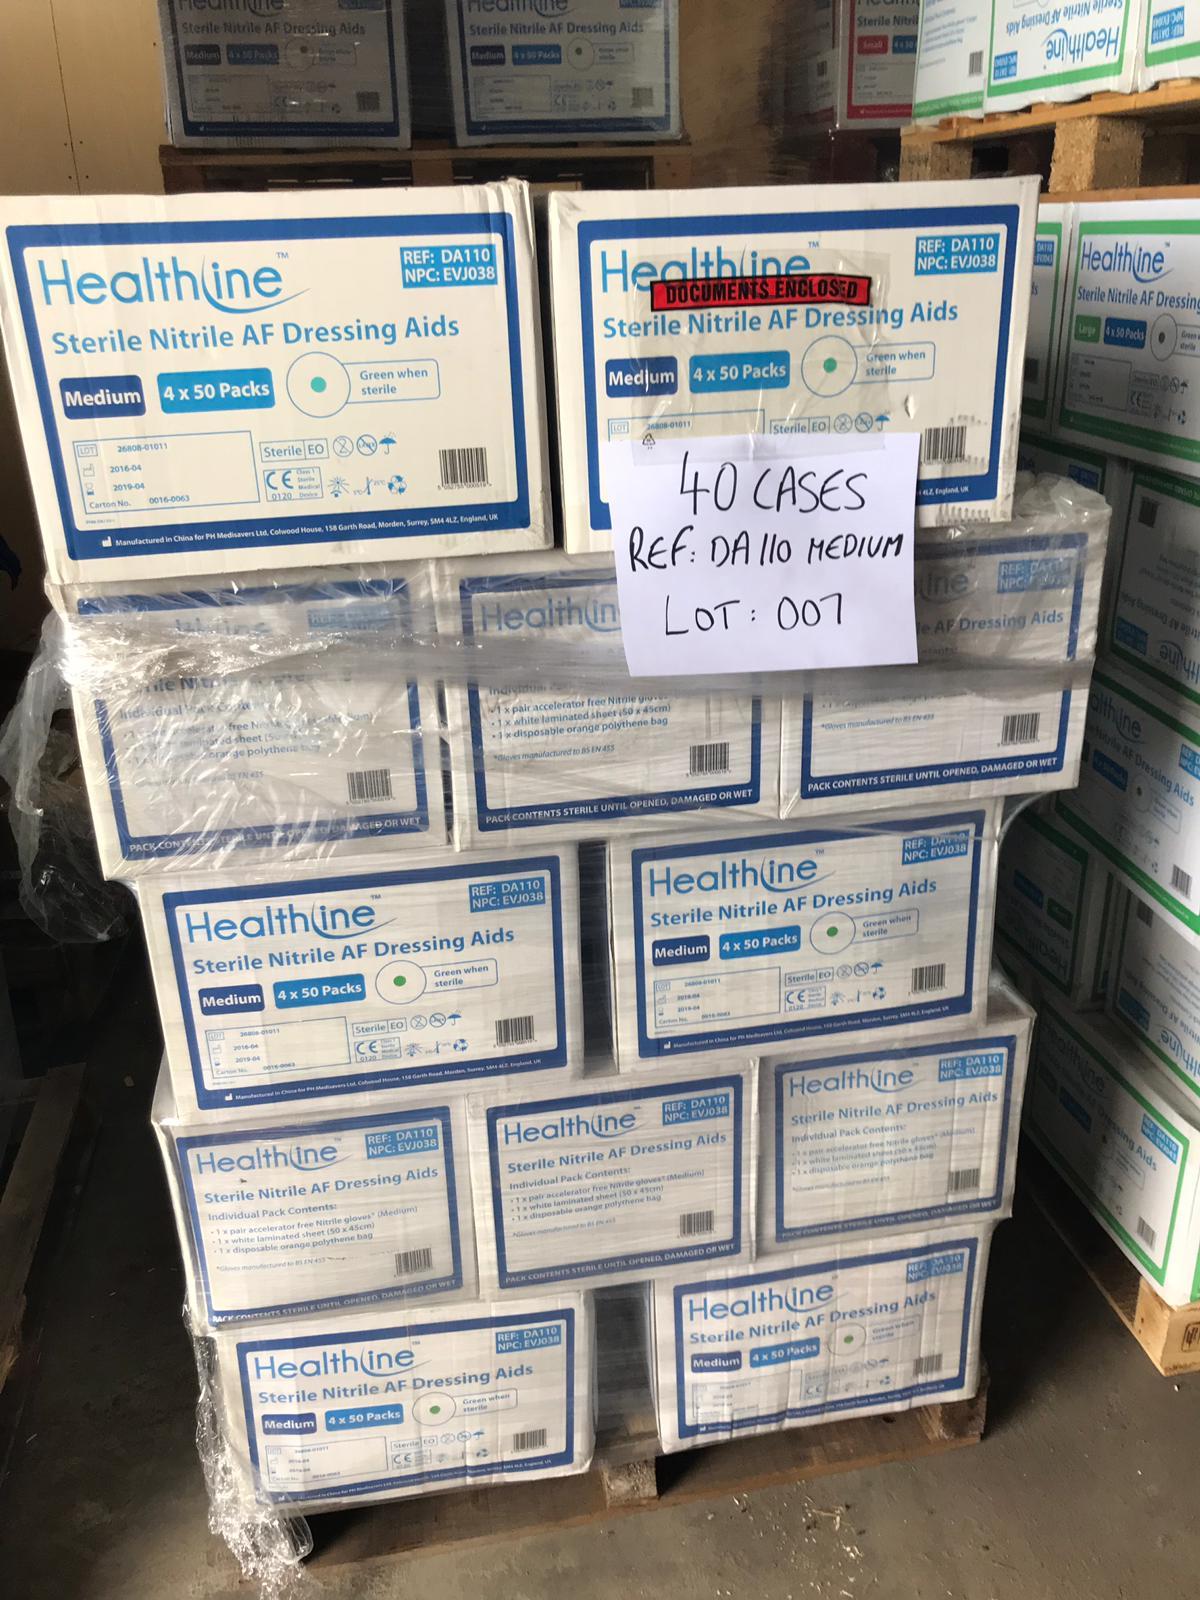 Lot 7 - STERILE NITRILE AF DRESSING AIDS MEDIUM 40 CASES ON PALLET